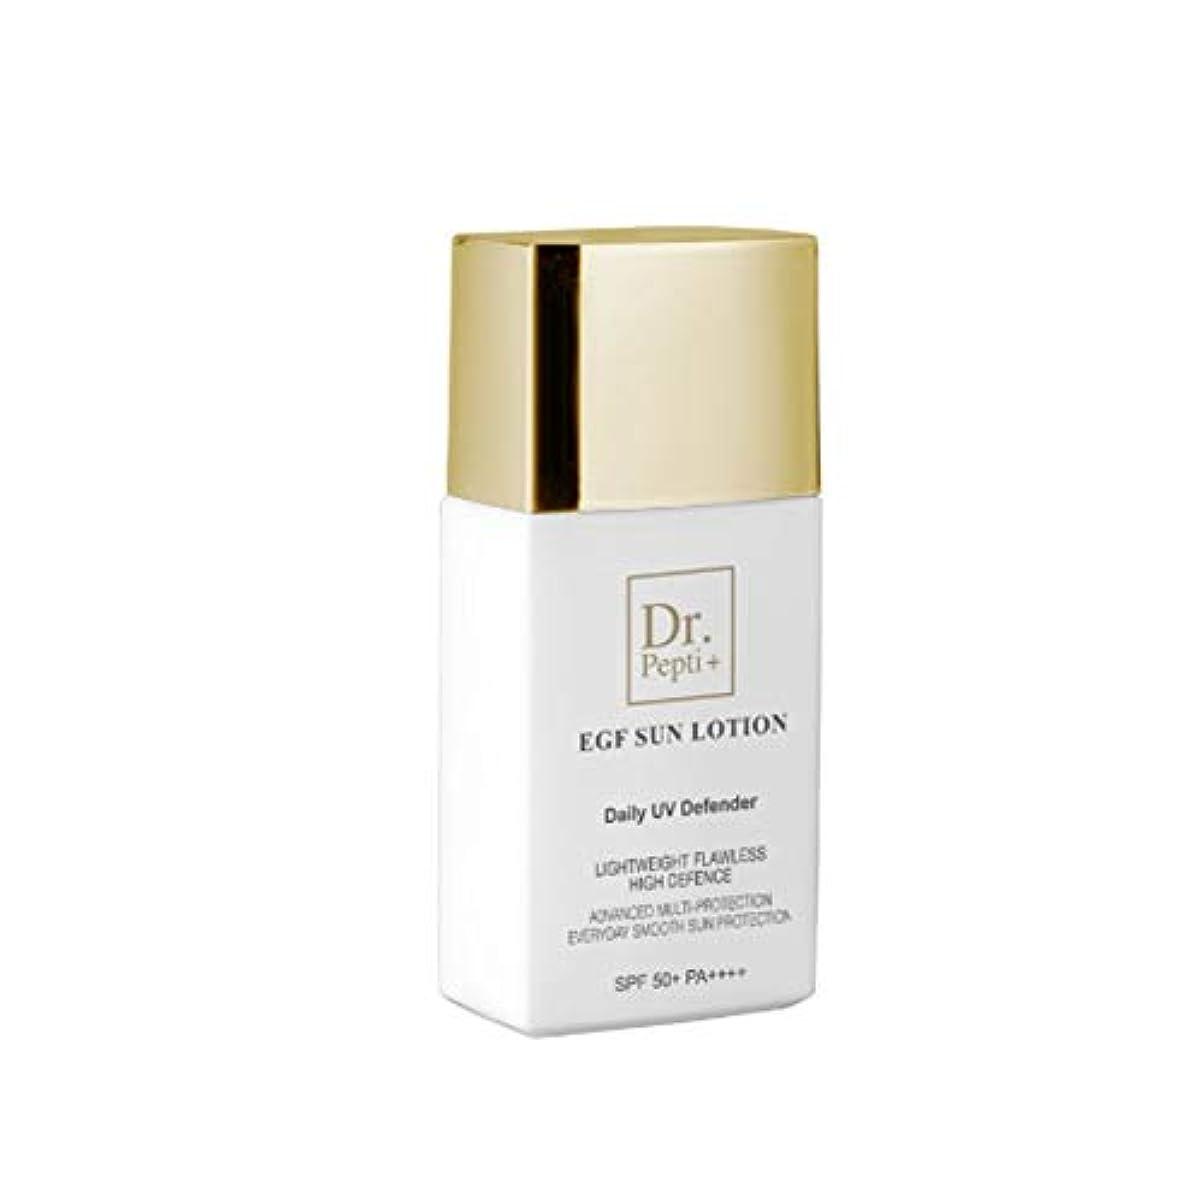 独立して機会買収ジェイアンドコーシュドクターペプチEGFサンローション50mlサンクリーム韓国コスメ、J&Coceu Dr.Pepti+ EGF Sun Lotion 50ml Sun Cream Korean Cosmetics [並行輸入品]